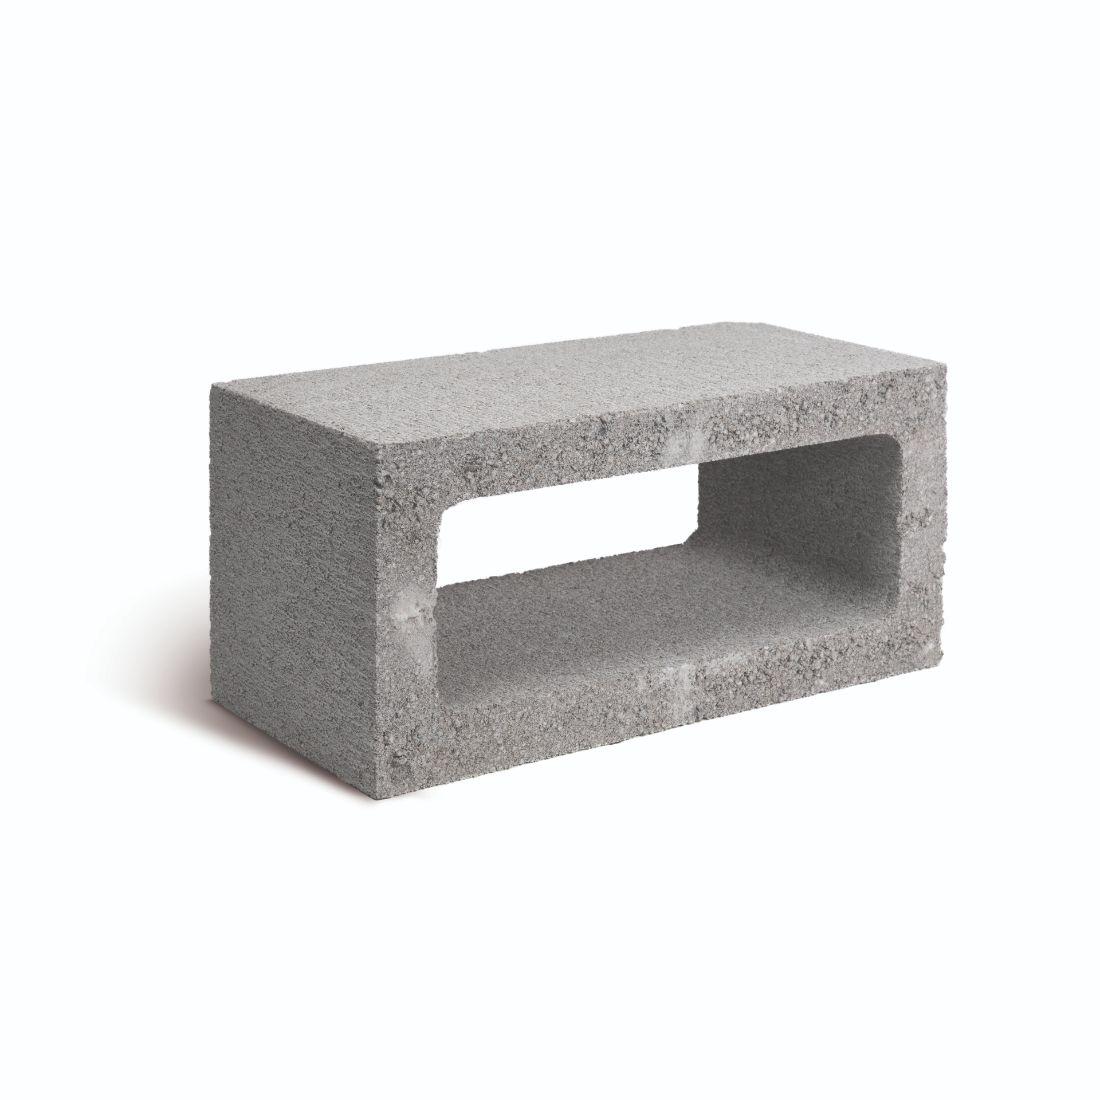 Standard Column Block 20 Series 230 x 190 x 50mm 20.30